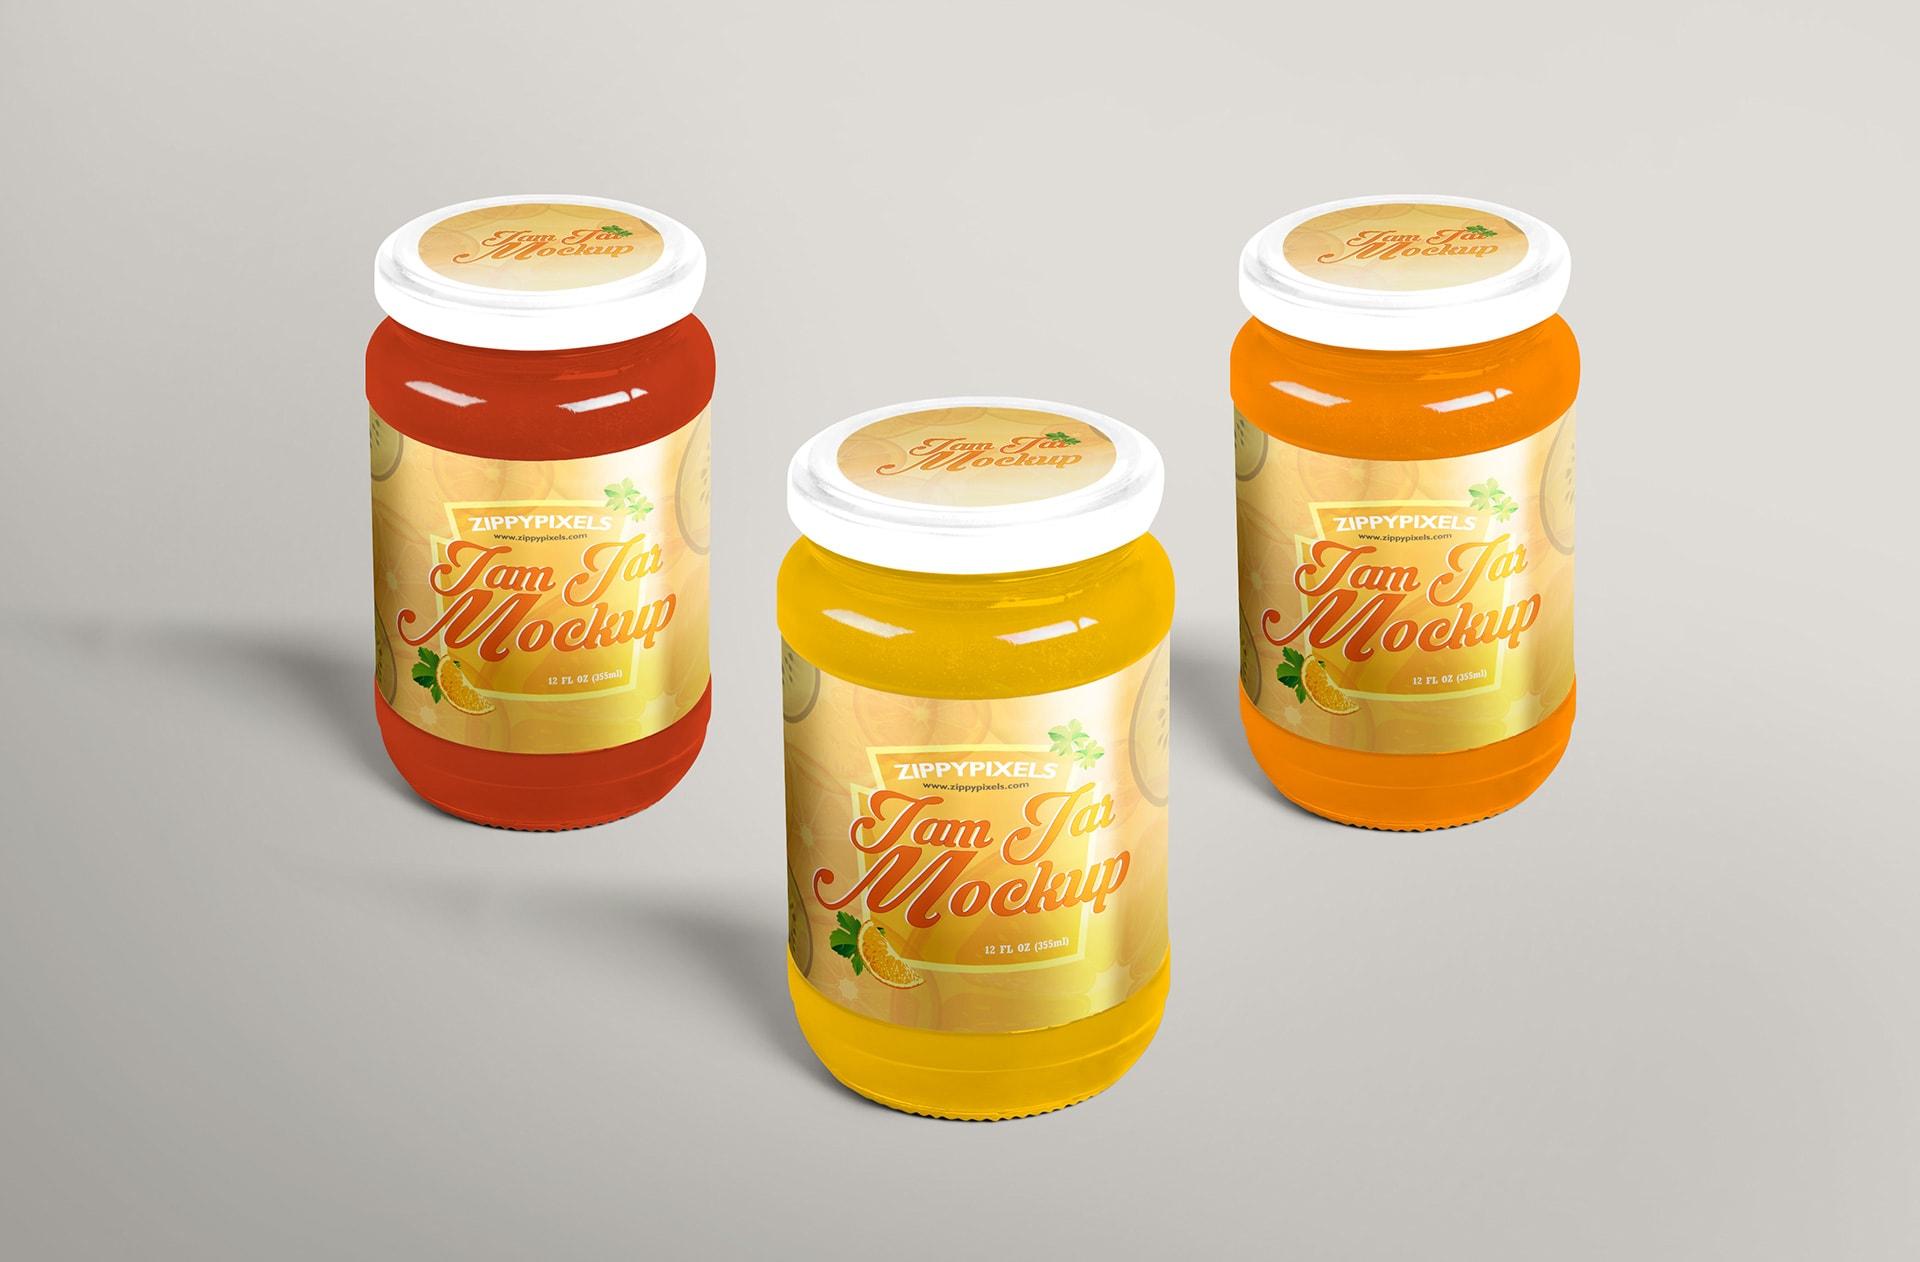 jam jar mockup for labelling designs